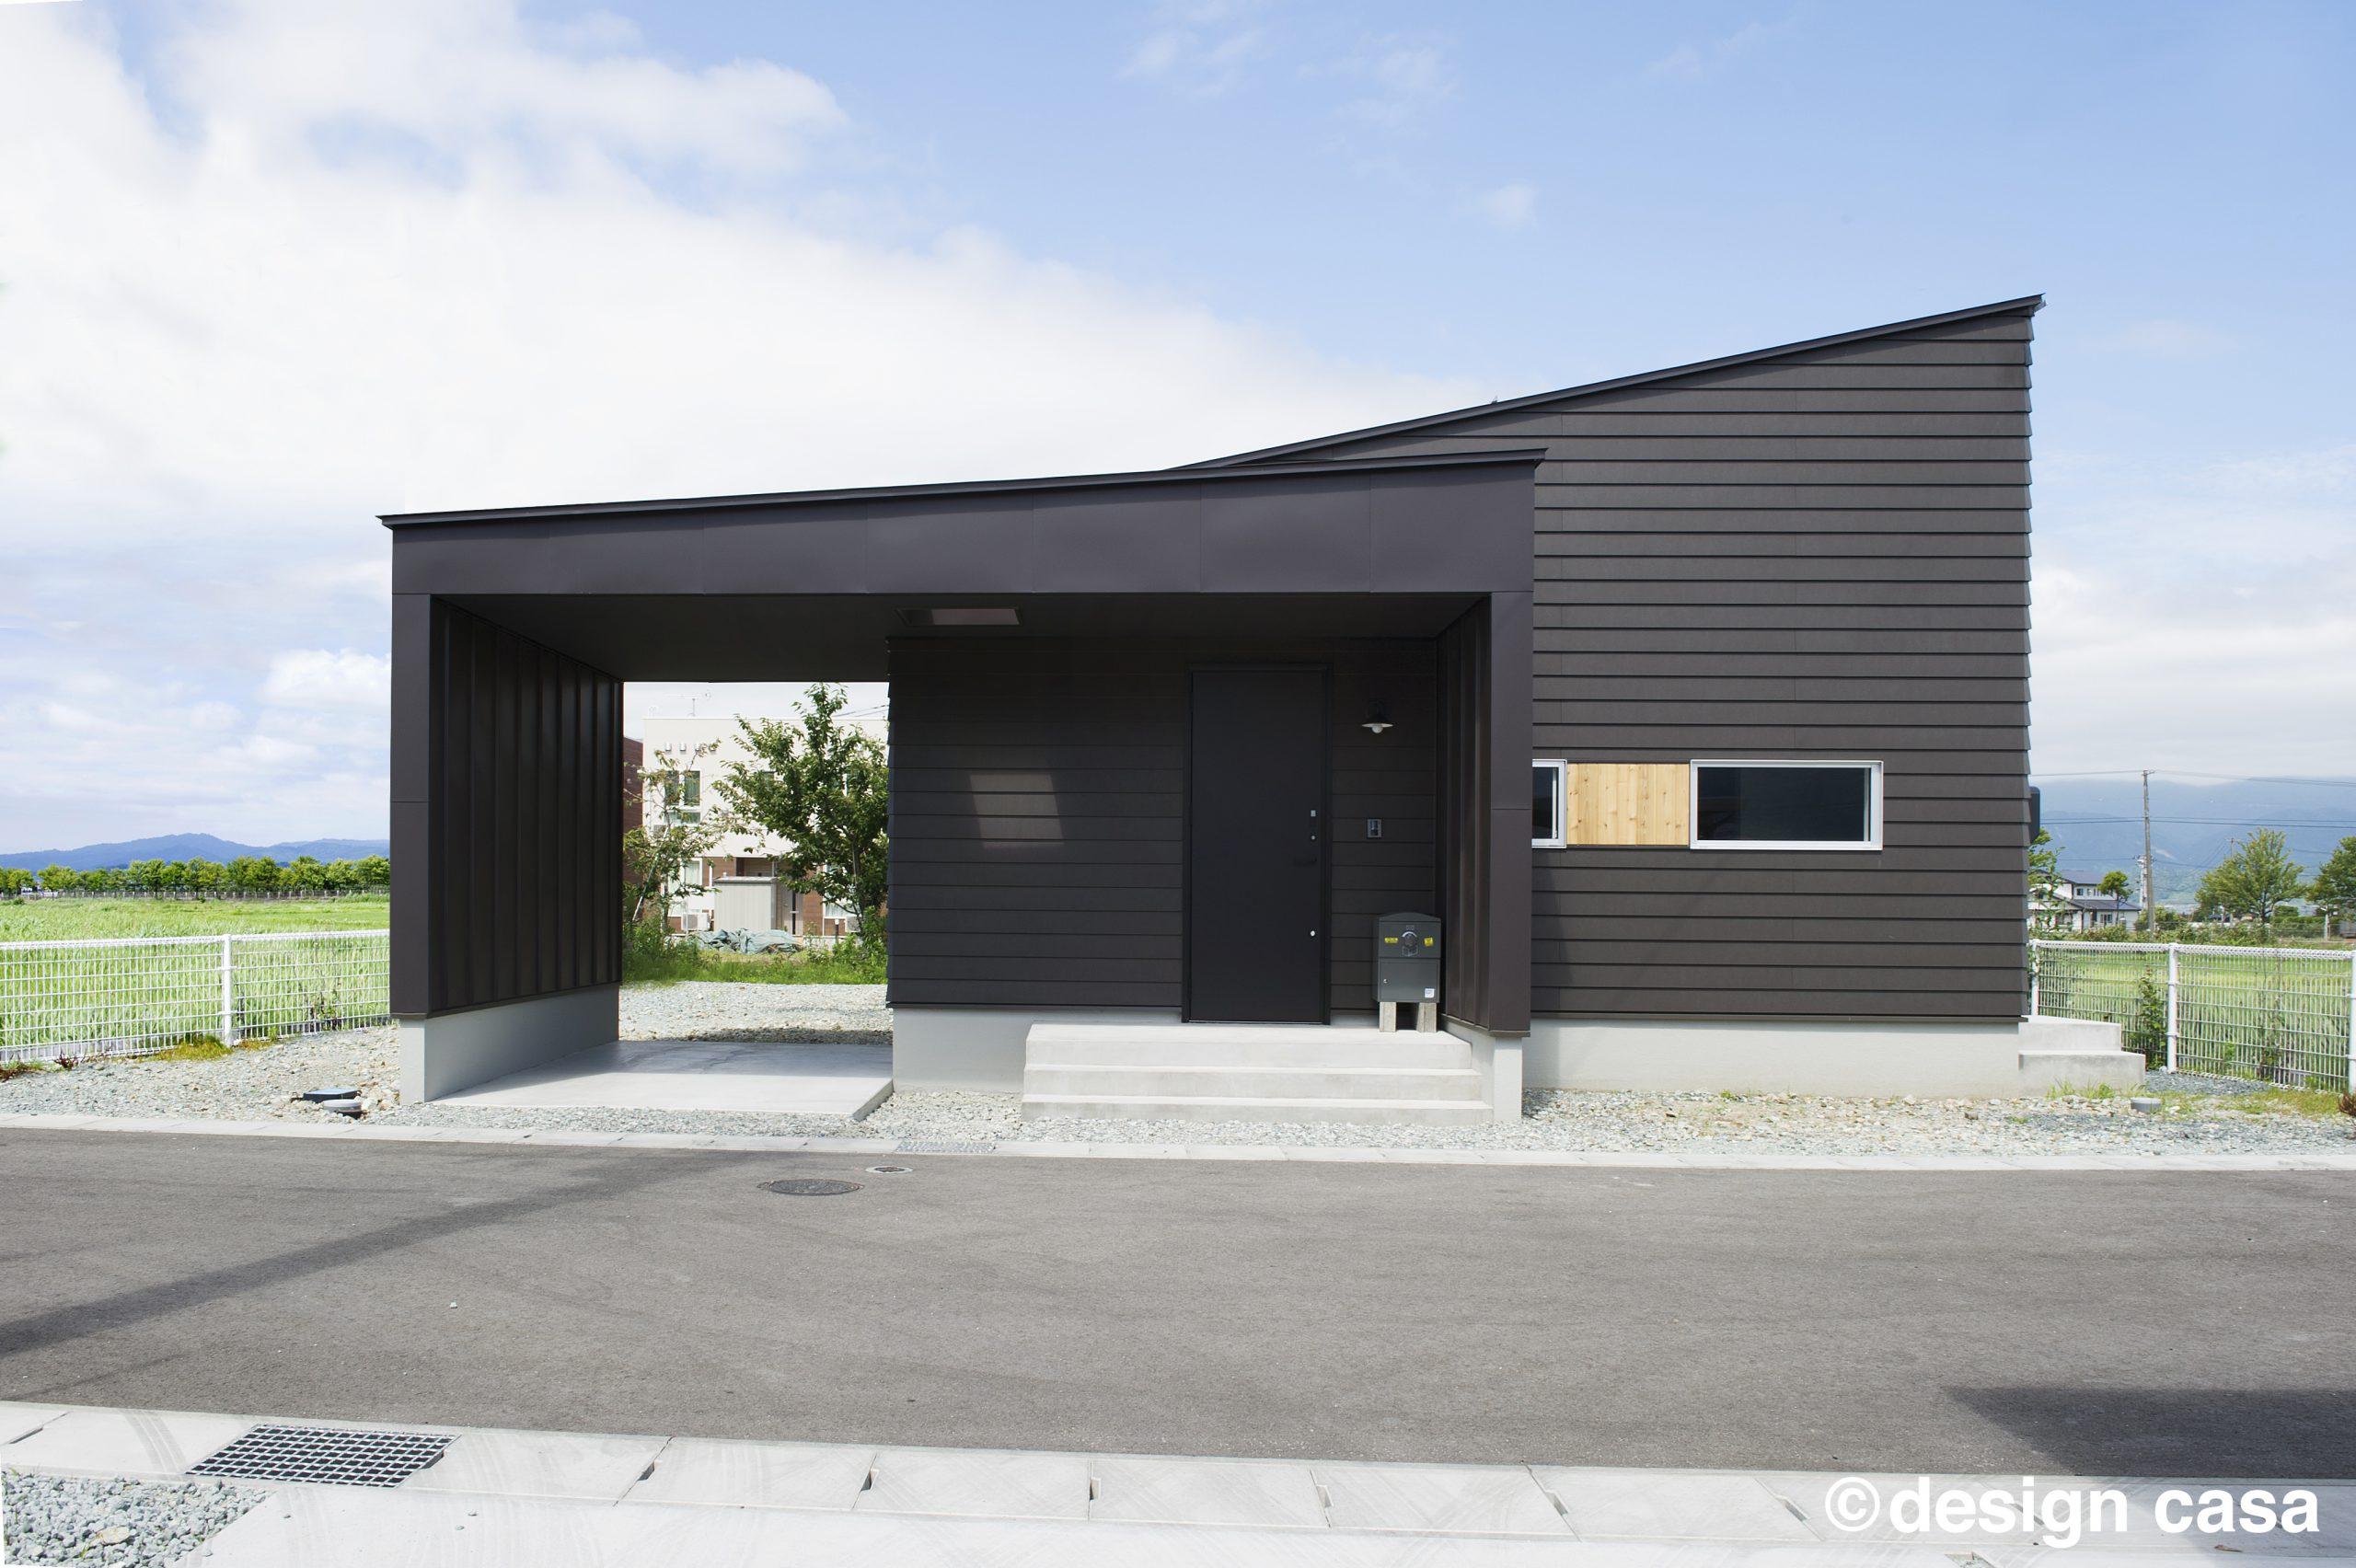 平屋のガレージハウスの外観 黒の金属サイディングとシンプルな平屋のシルエットがかっこいい